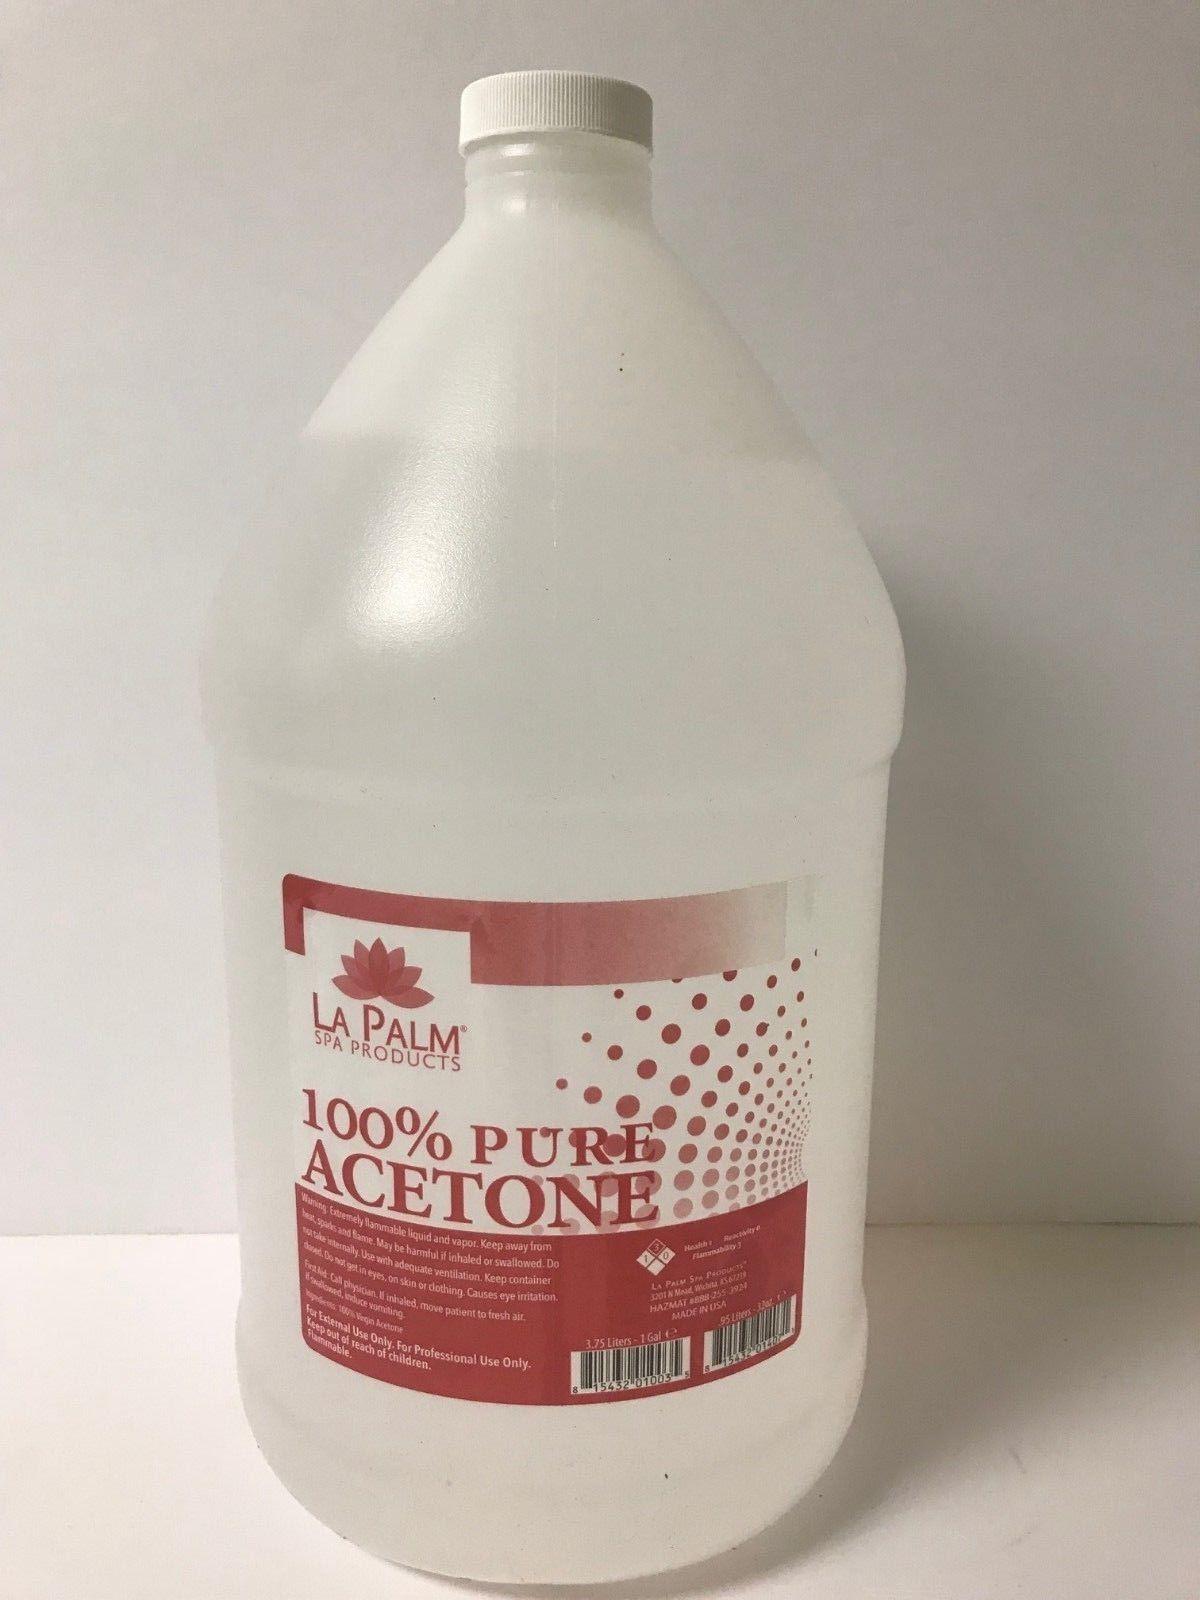 Nail Polish Remover 47940 La Palmacetone 100 Pure Gel And Lacquer Polish Remover 1 Gallon And 16 Fl Oz Buy It No Gel Lacquer Lacquer Polish Pure Products